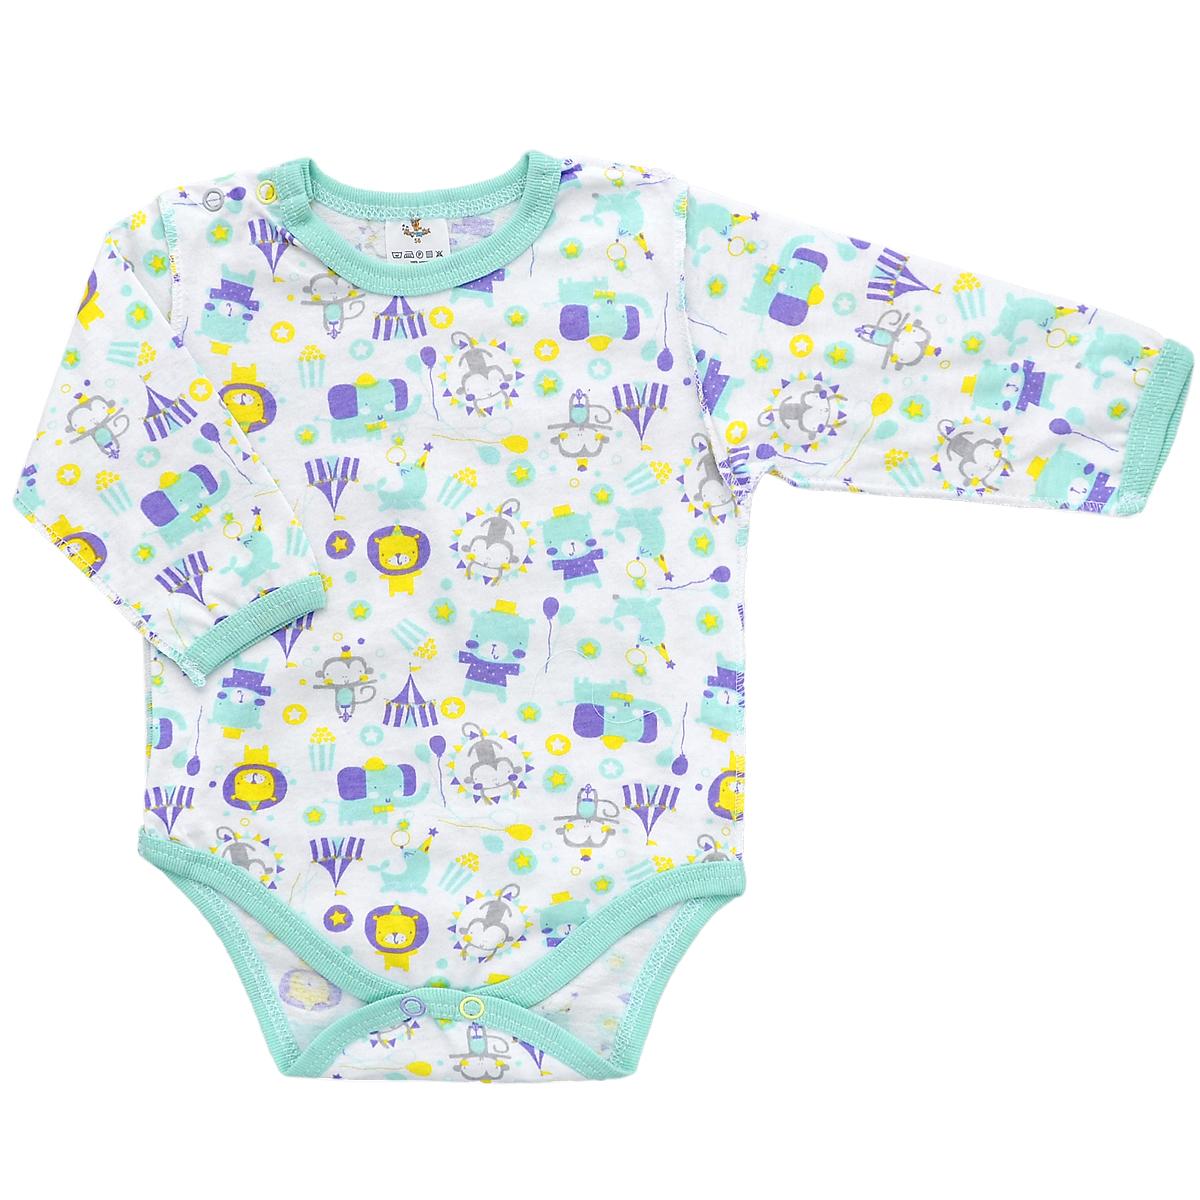 Боди детское. 99389938Детское боди КотМарКот с длинными рукавами послужит идеальным дополнением к гардеробу малыша, обеспечивая ему наибольший комфорт. Боди, выполненное швами наружу, изготовлено из натурального хлопка - кулирки, благодаря чему оно необычайно мягкое и легкое, не раздражает нежную кожу ребенка и хорошо вентилируется, а эластичные швы приятны телу малыша и не препятствуют его движениям. Удобные застежки-кнопки по плечу и на ластовице помогают легко переодеть младенца или сменить подгузник. Боди оформлено оригинальным принтом с изображением цирковых животных. Боди полностью соответствует особенностям жизни малютки в ранний период, не стесняя и не ограничивая его в движениях. В нем ваш ребенок всегда будет в центре внимания.